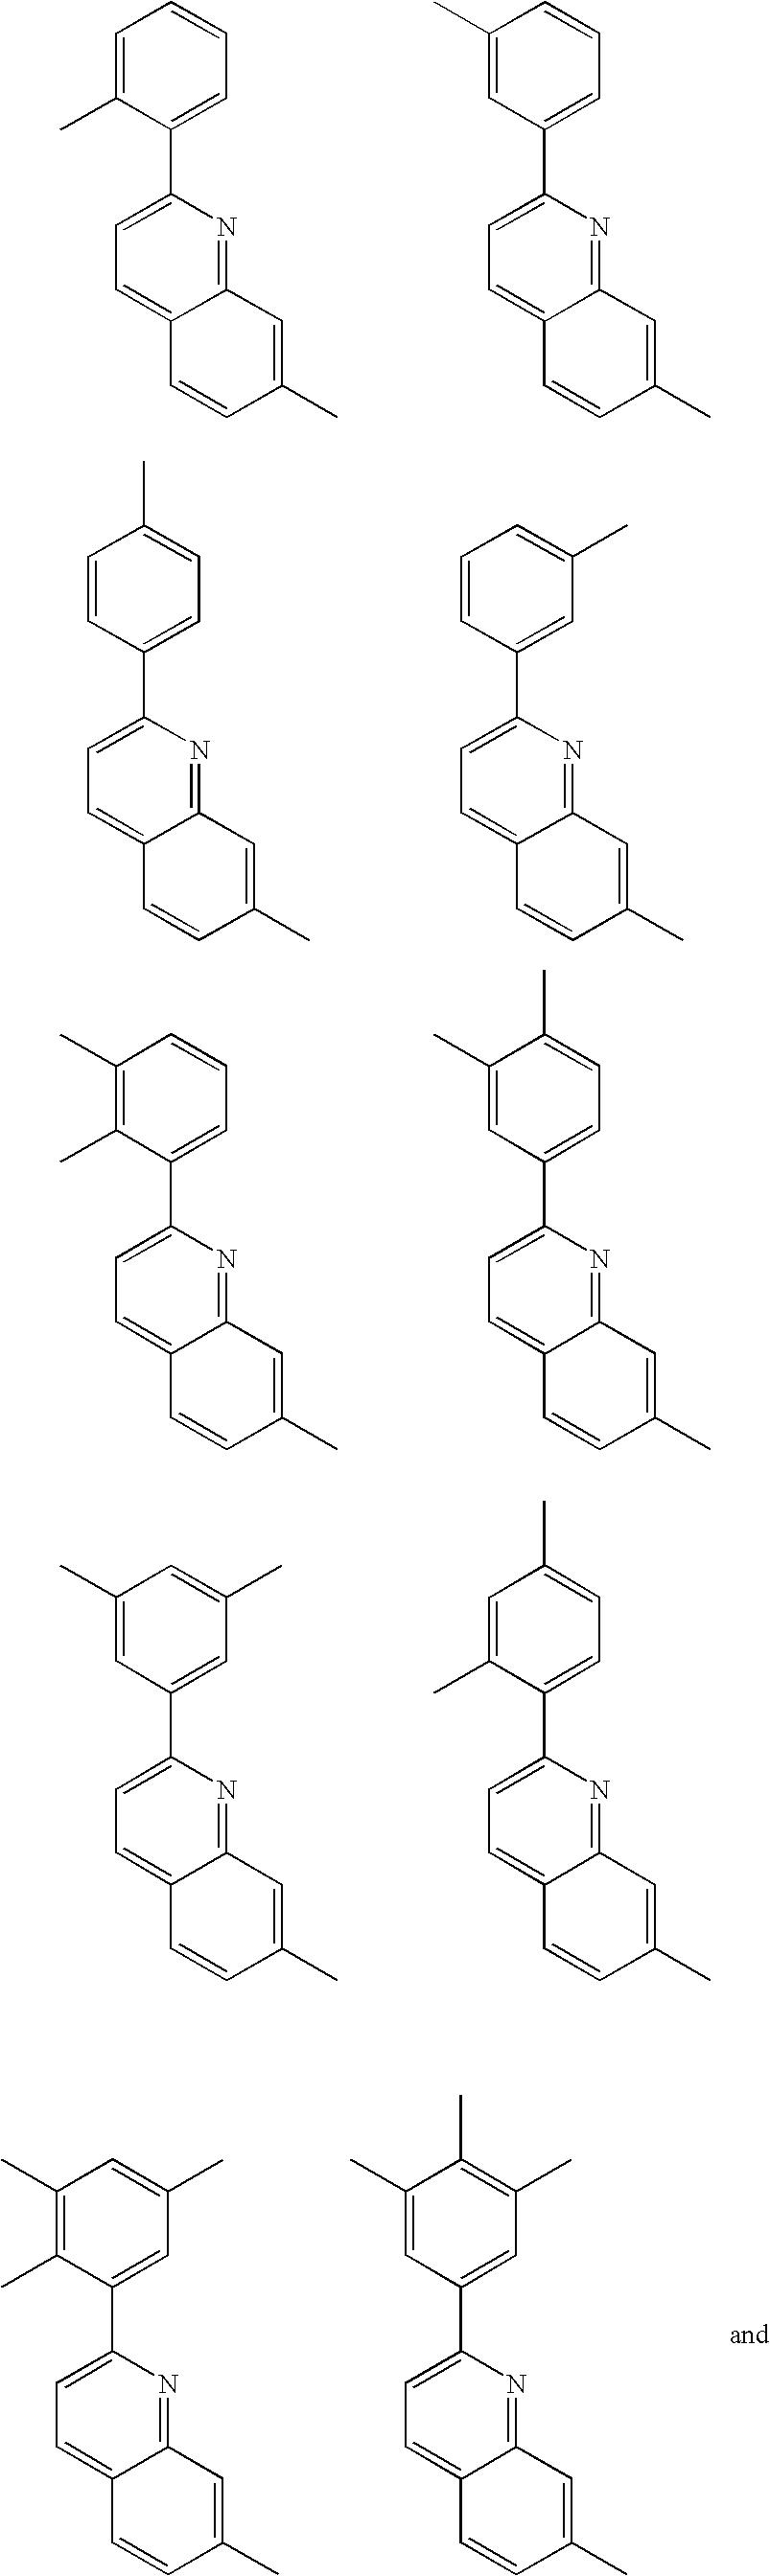 Figure US20060202194A1-20060914-C00026